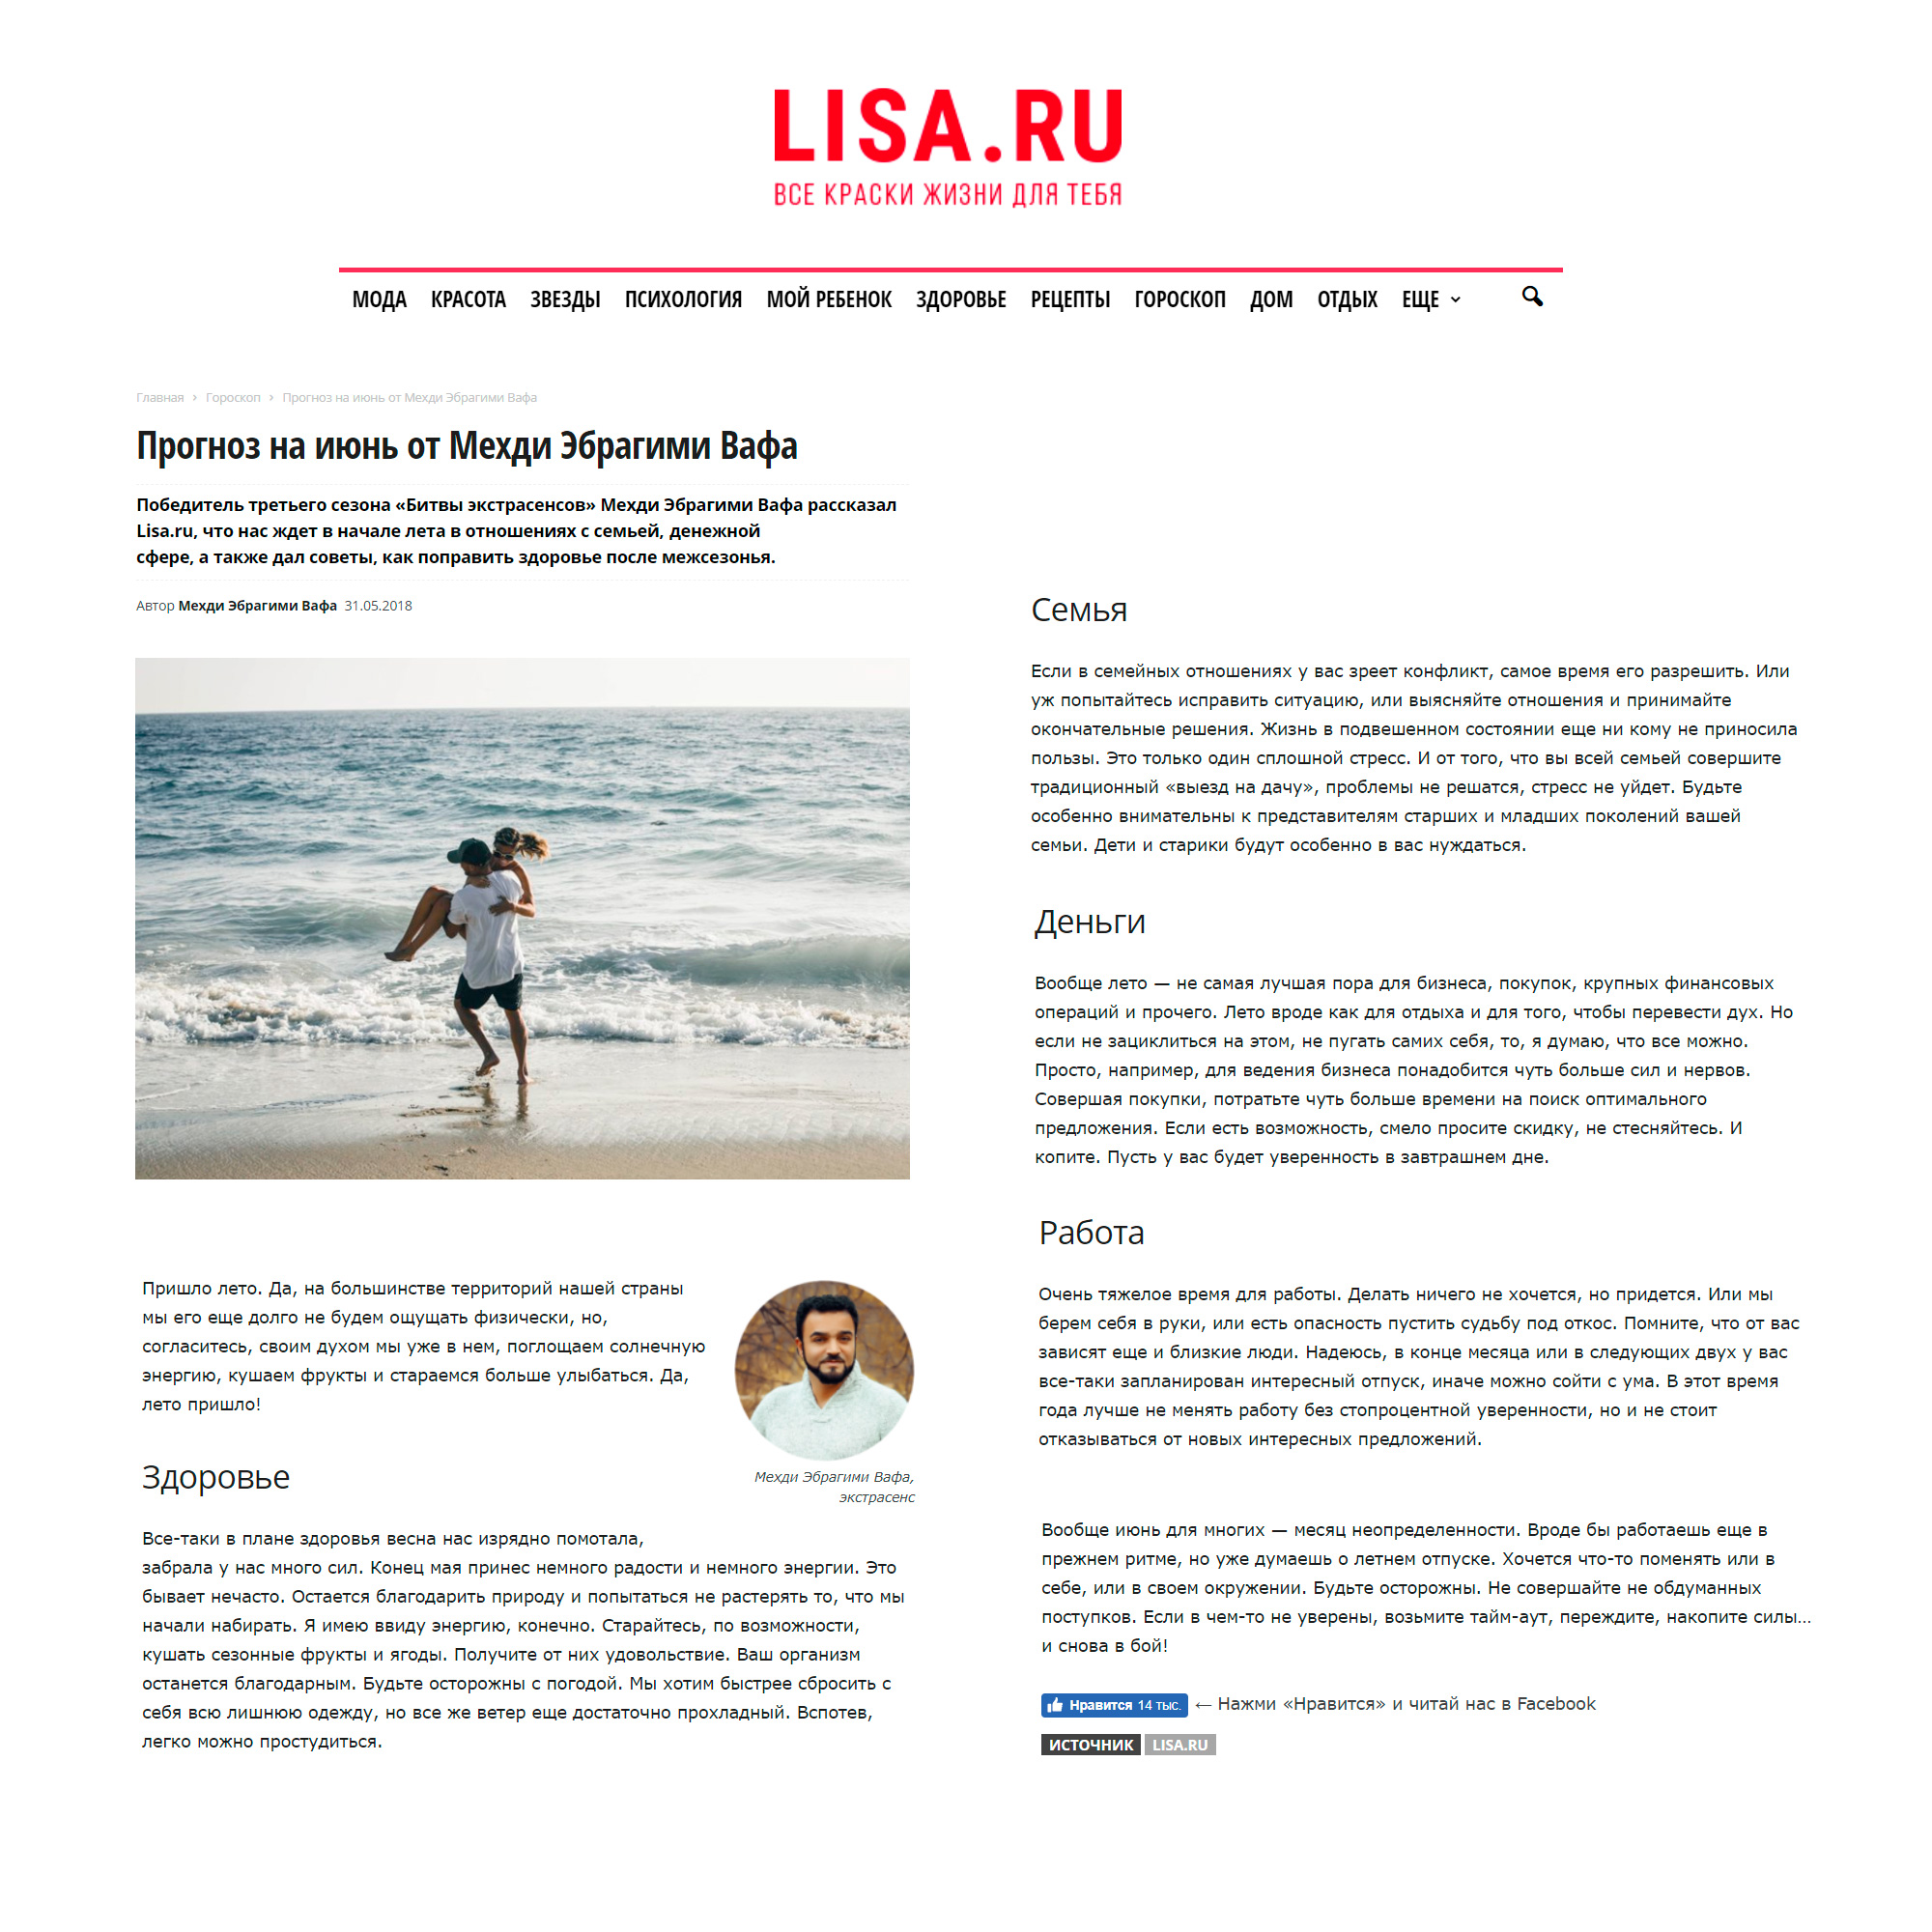 lisa-ru-prognoz-mehdi-na-iun-2018